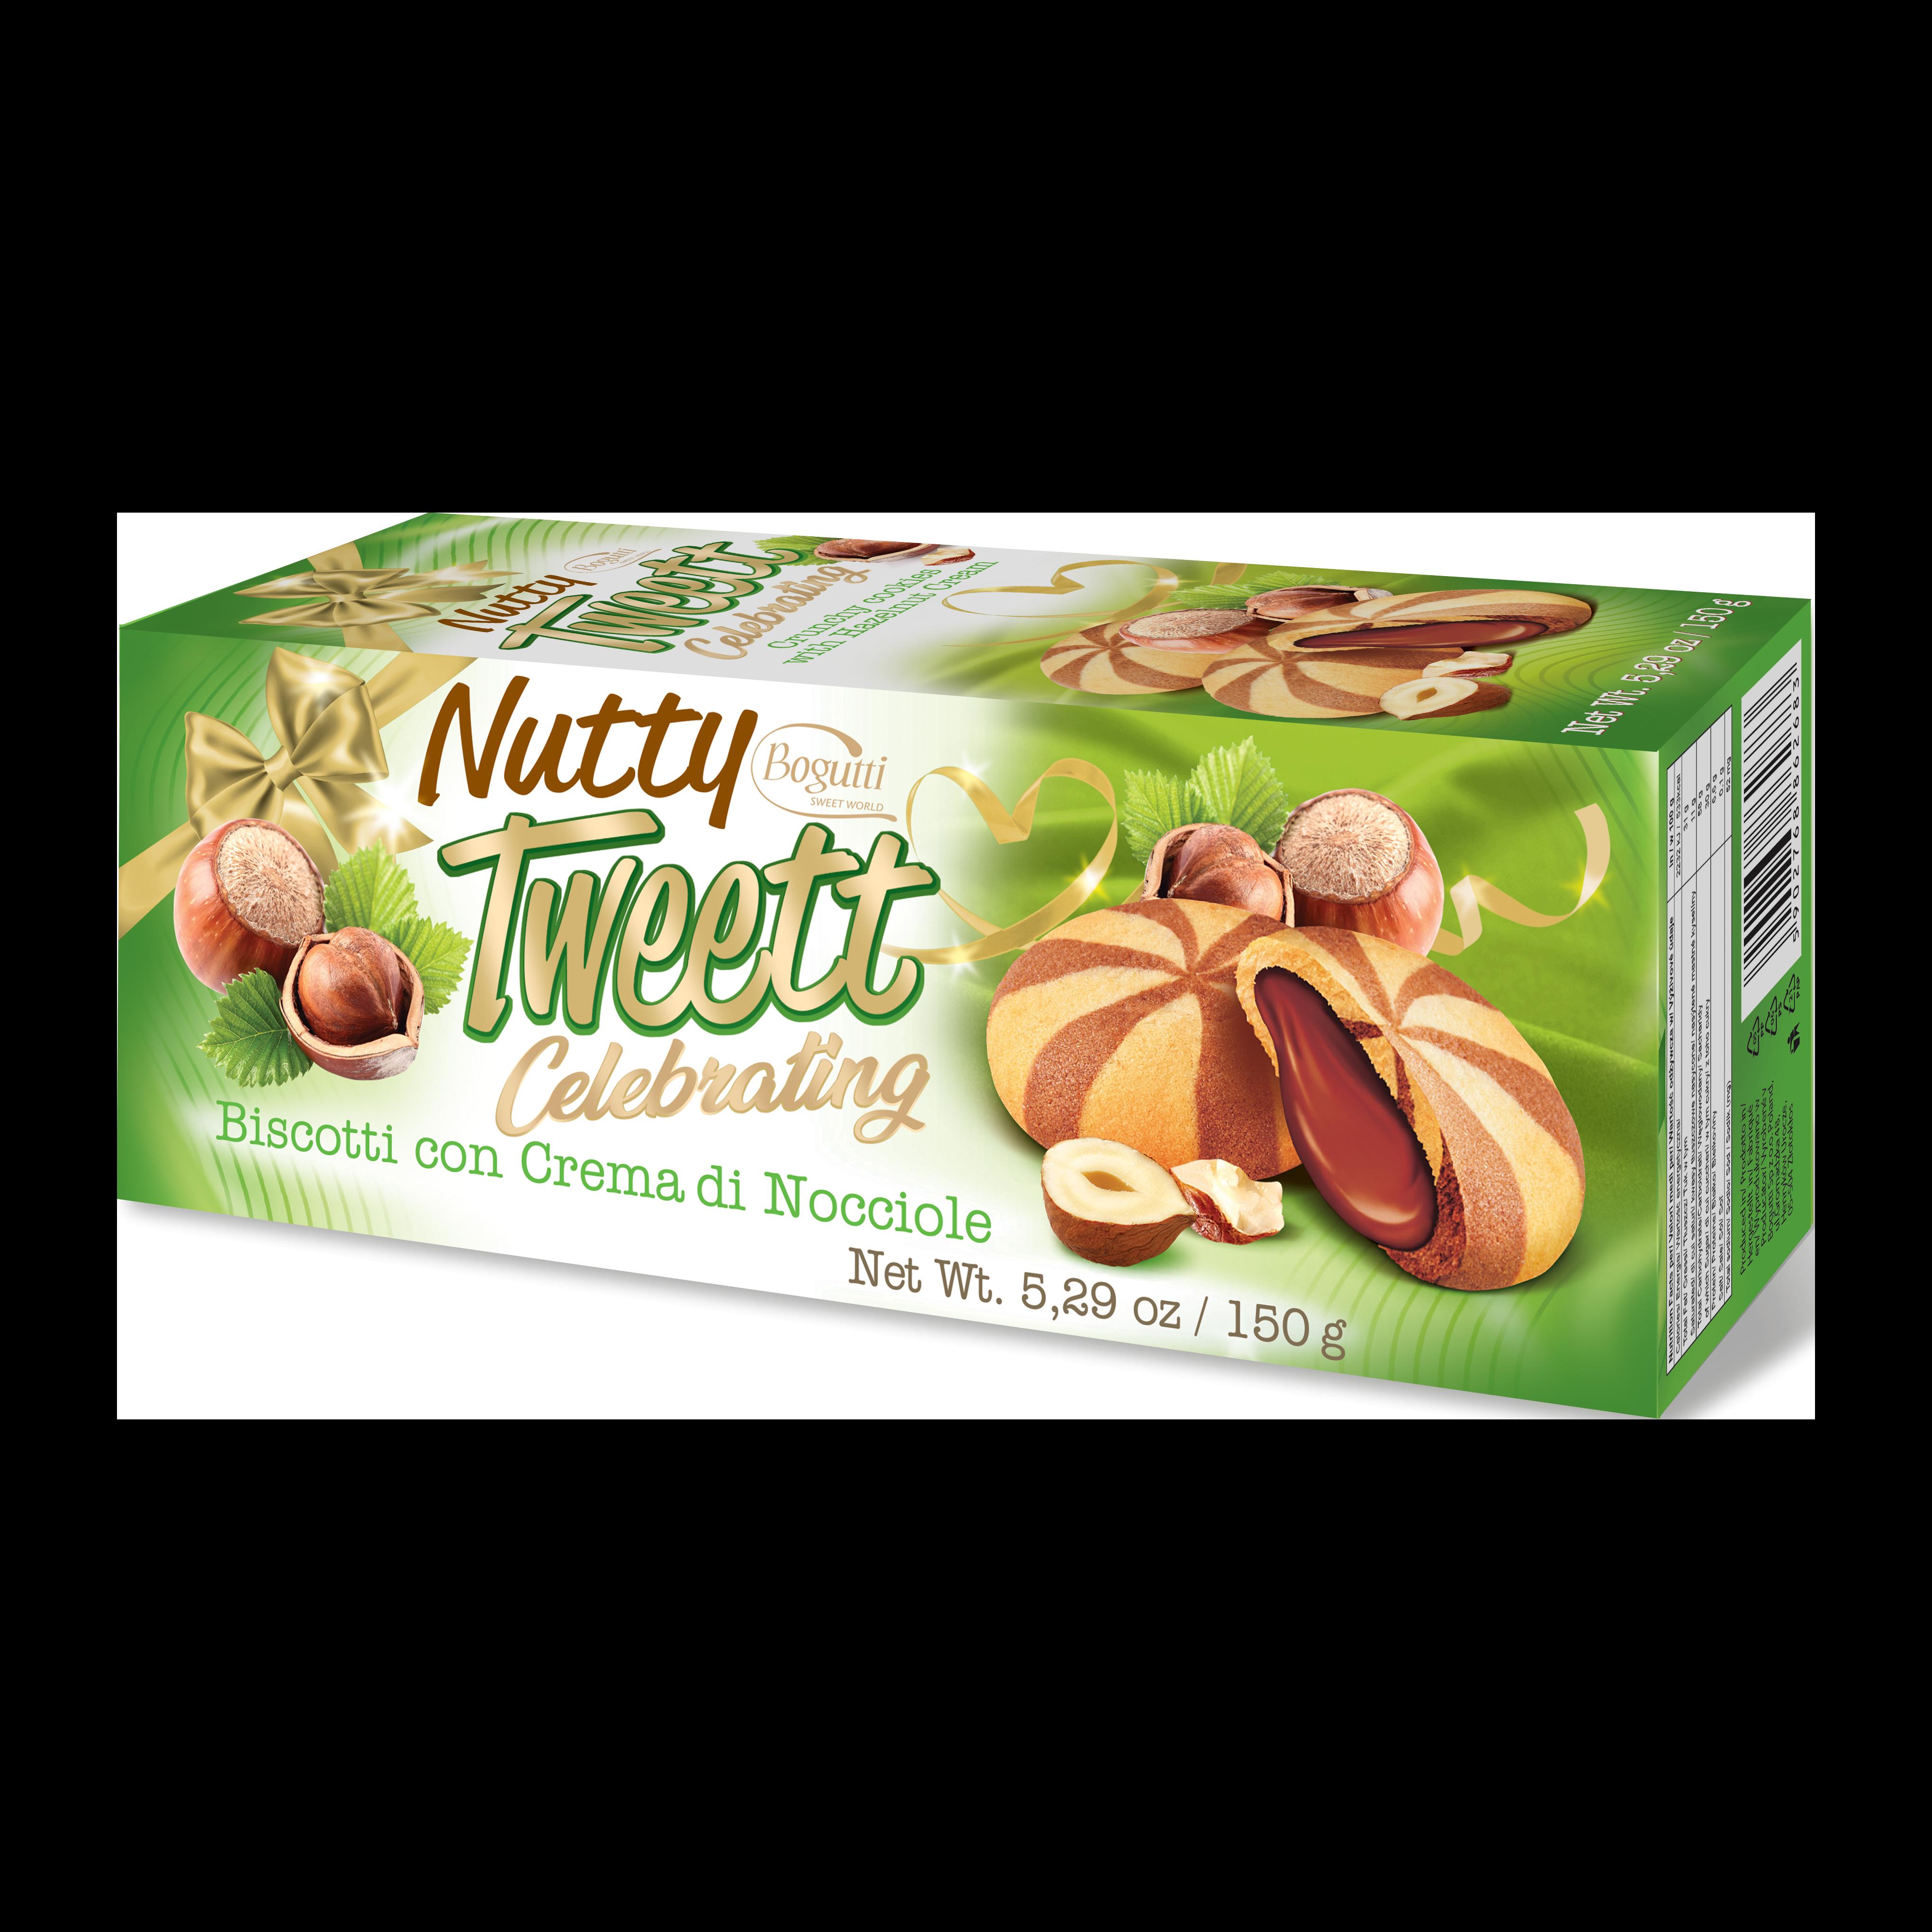 Nutty Tweett Celebrating – Kruche ciasteczka z kremem orzechowym